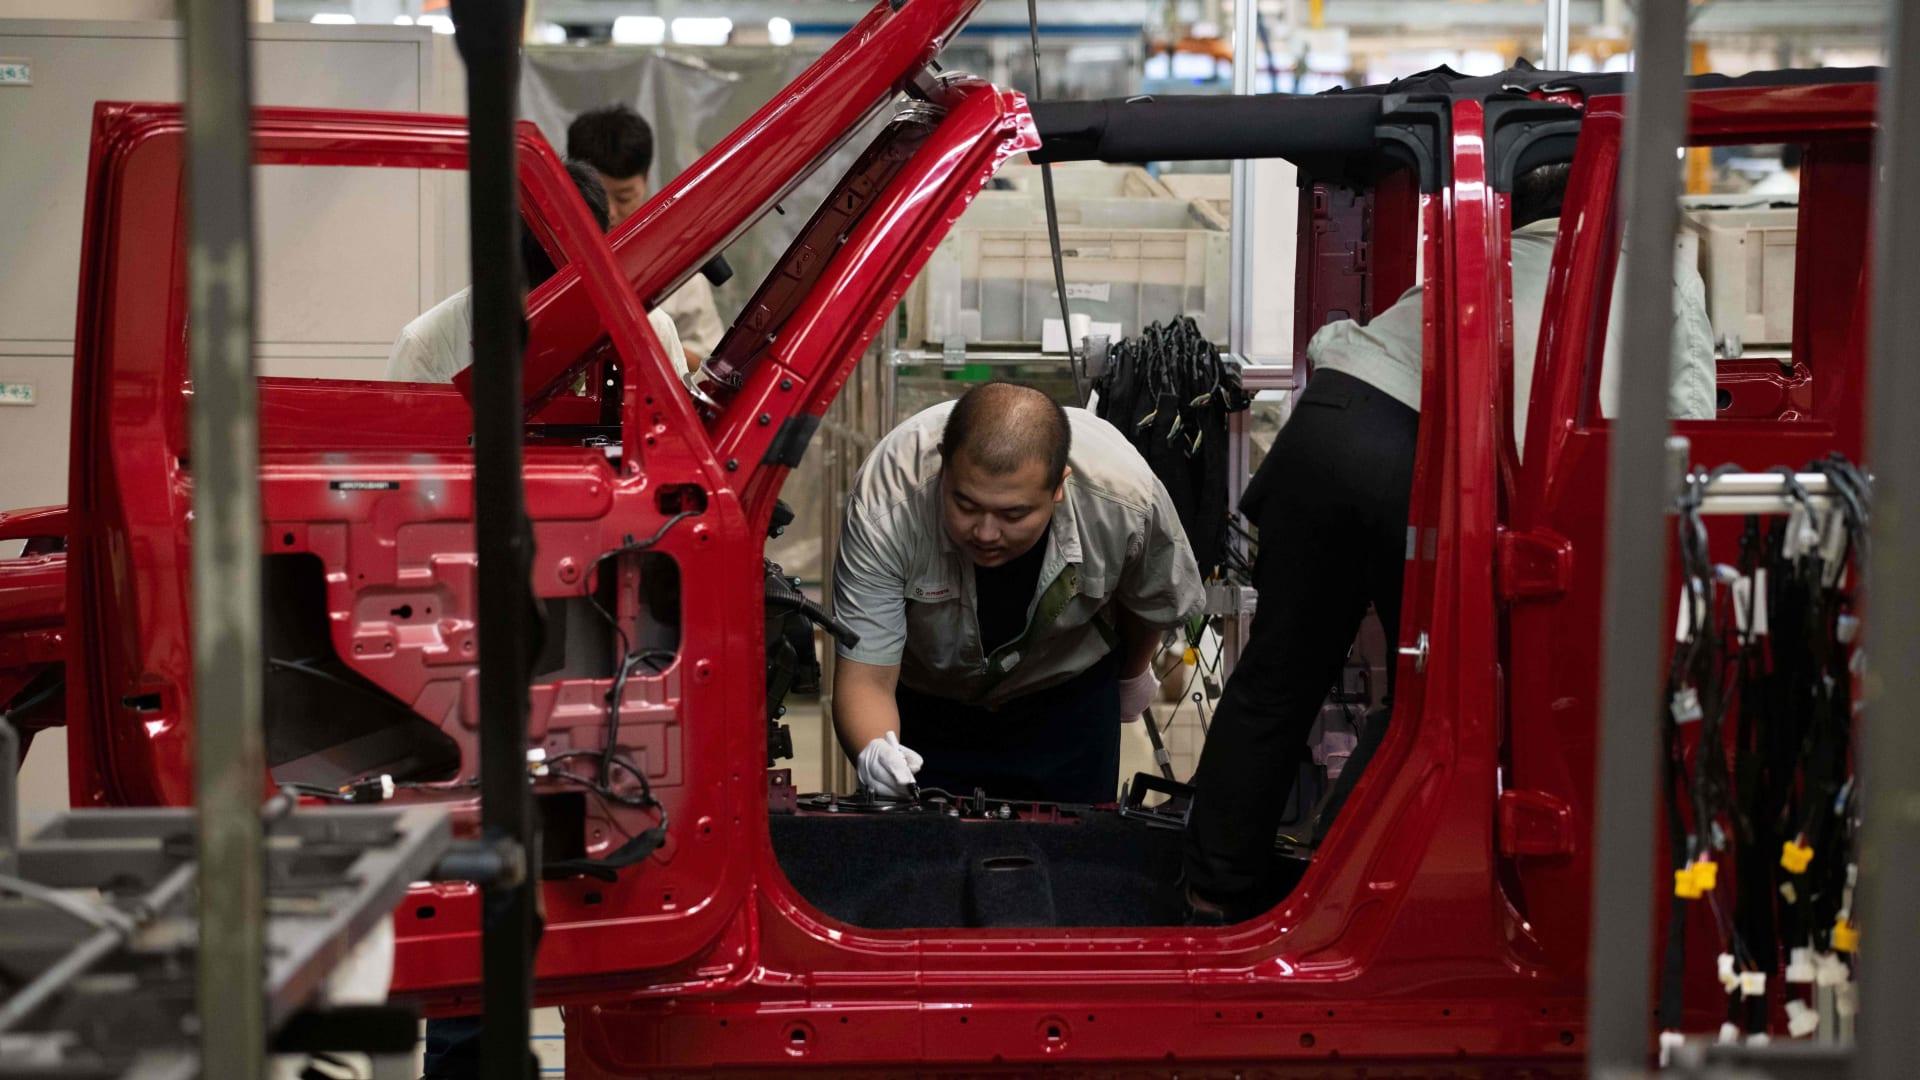 الصين تتوقع تباطؤ مبيعات أكبر سوق للسيارات في العالم خلال 2019